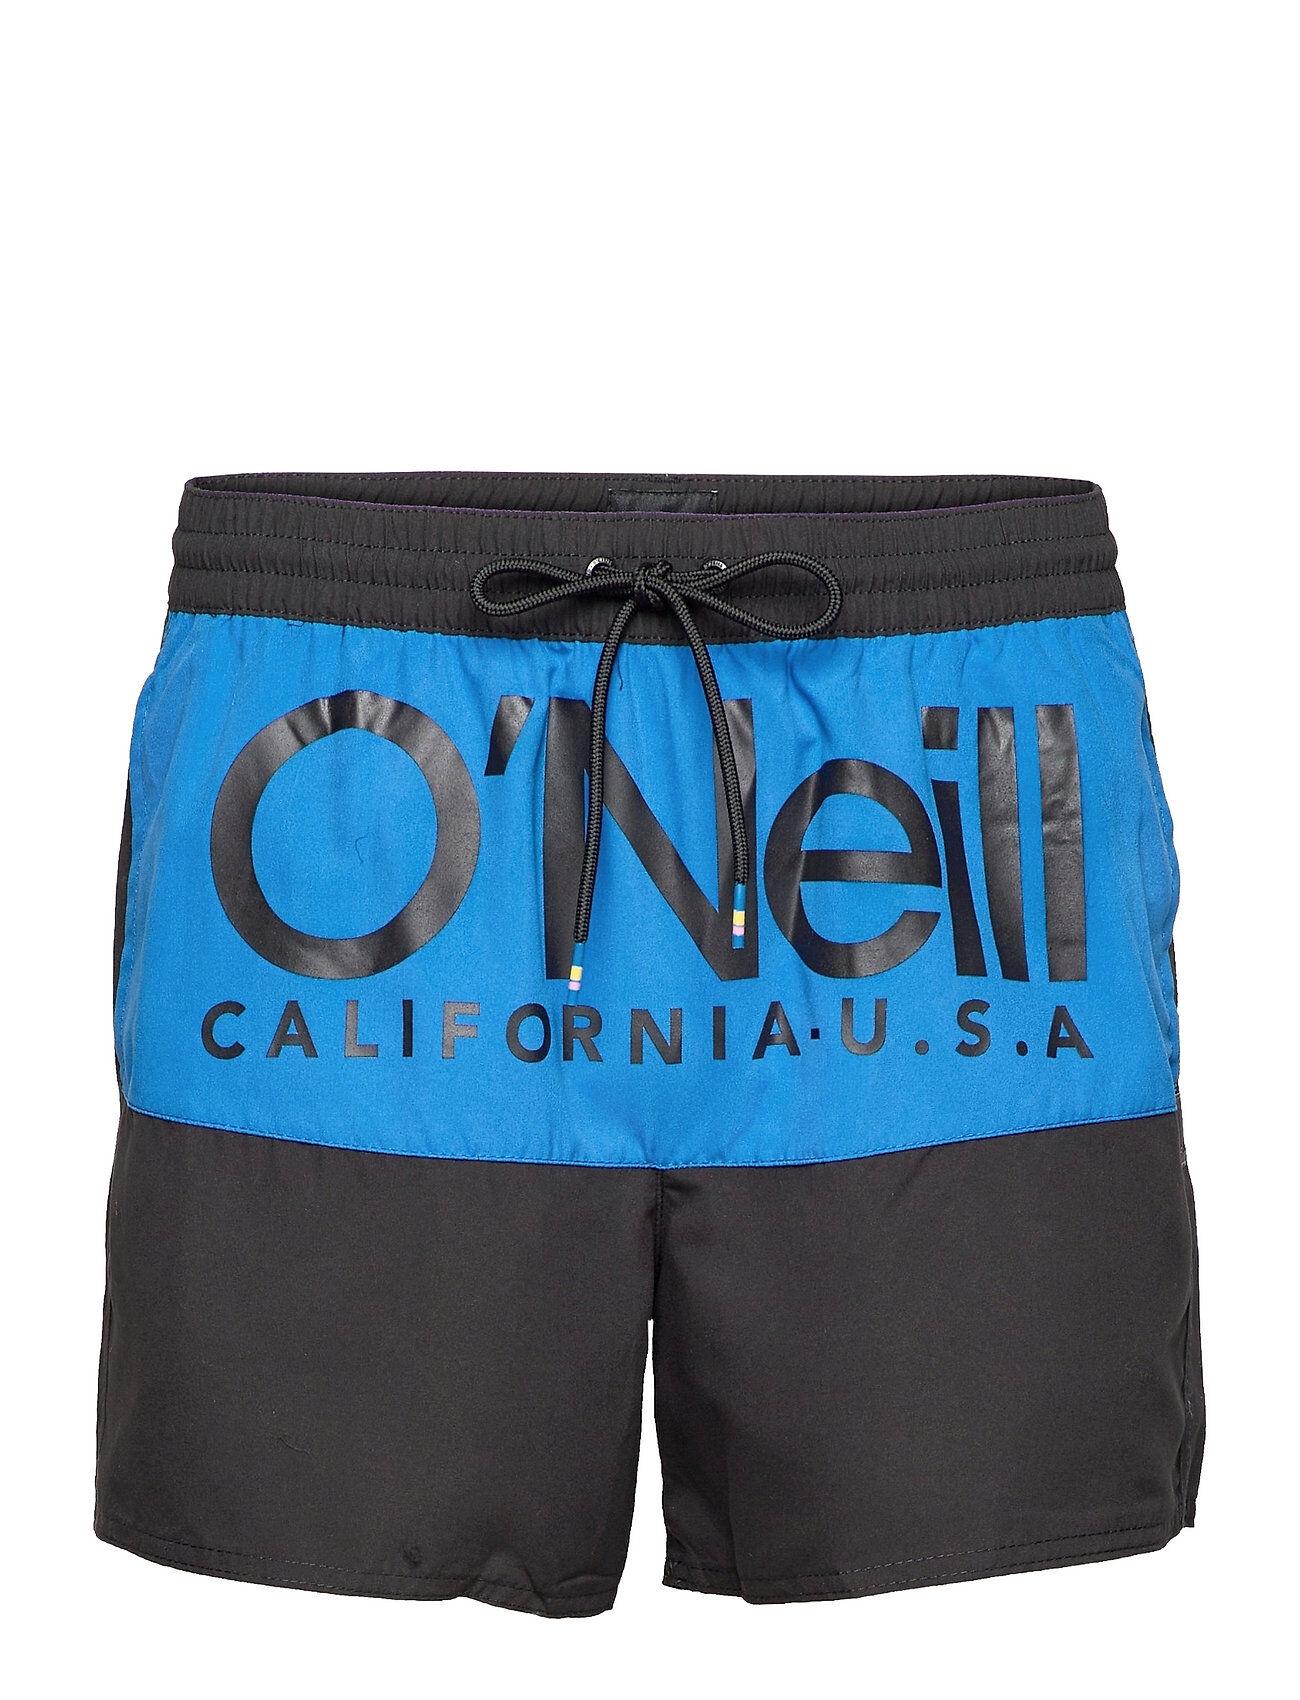 O'neill Pm Framed Cali Shorts Badeshorts Svart O'neill